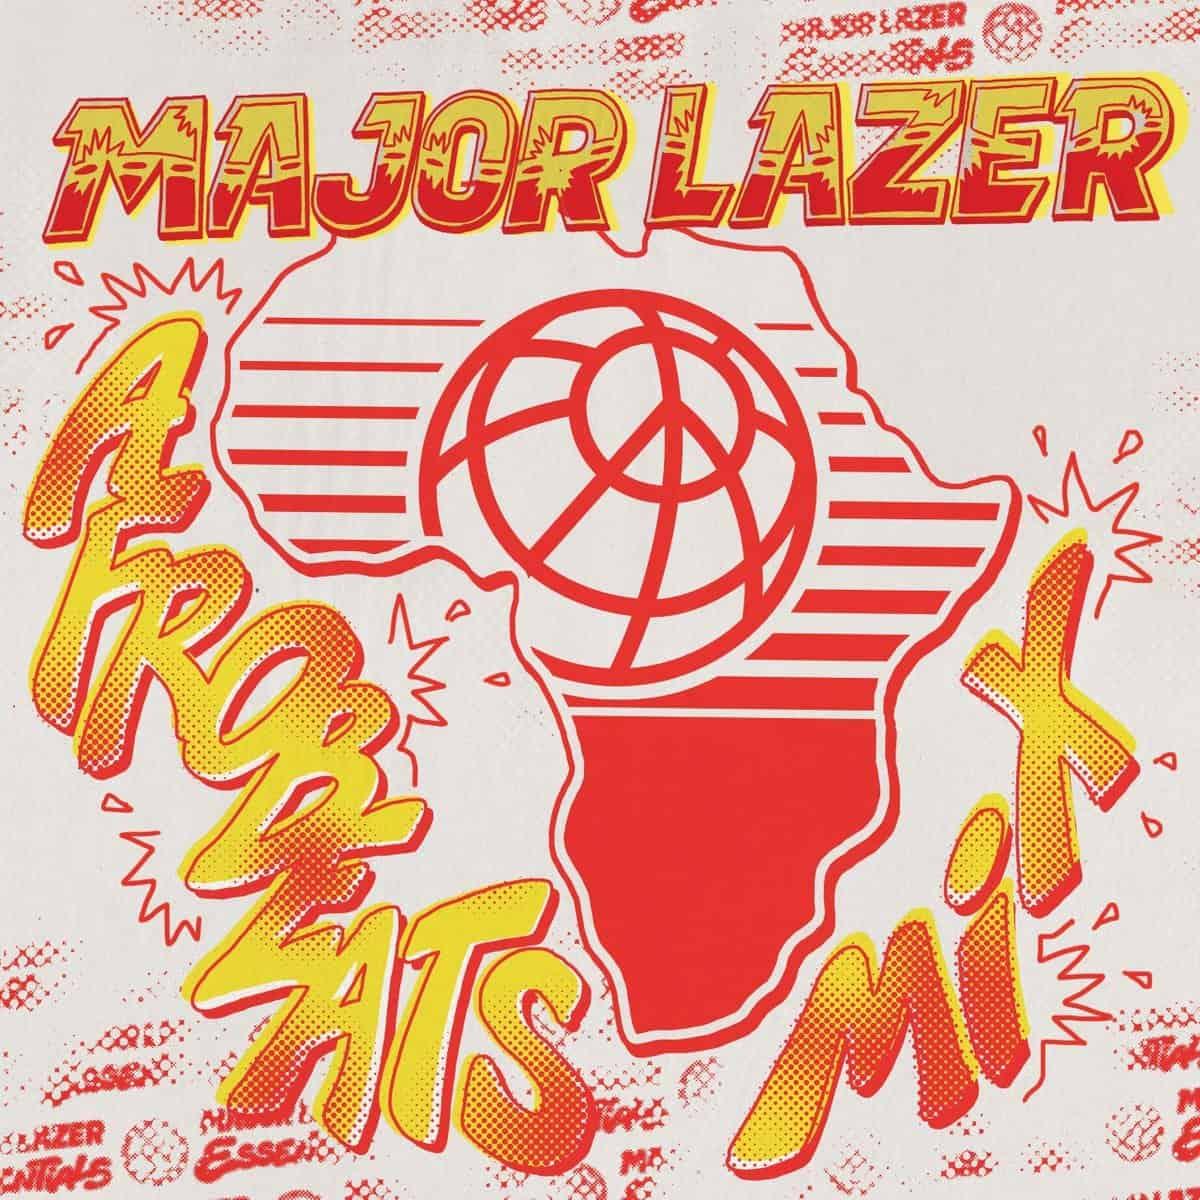 Major Lazer - Afrobeats Mix